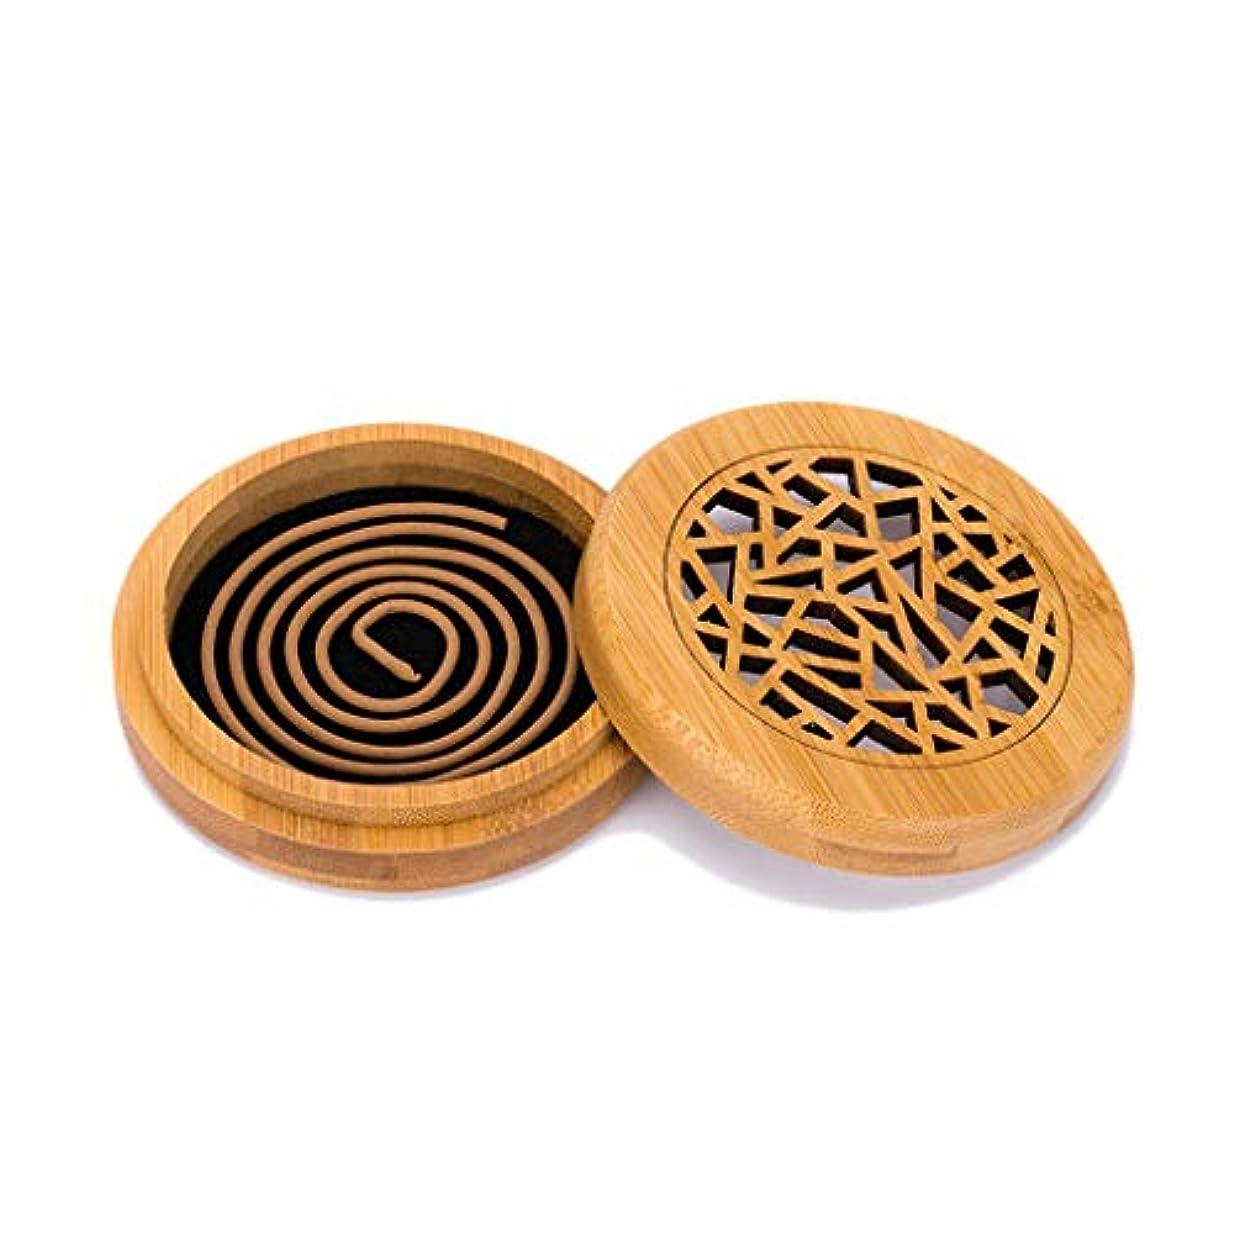 快いバスケットボール隙間木製香炉コイル香スティックコーンバーナーホルダー部屋の装飾瞑想竹アッシュキャッチャー香ホルダー (Color : Wood, サイズ : Round)